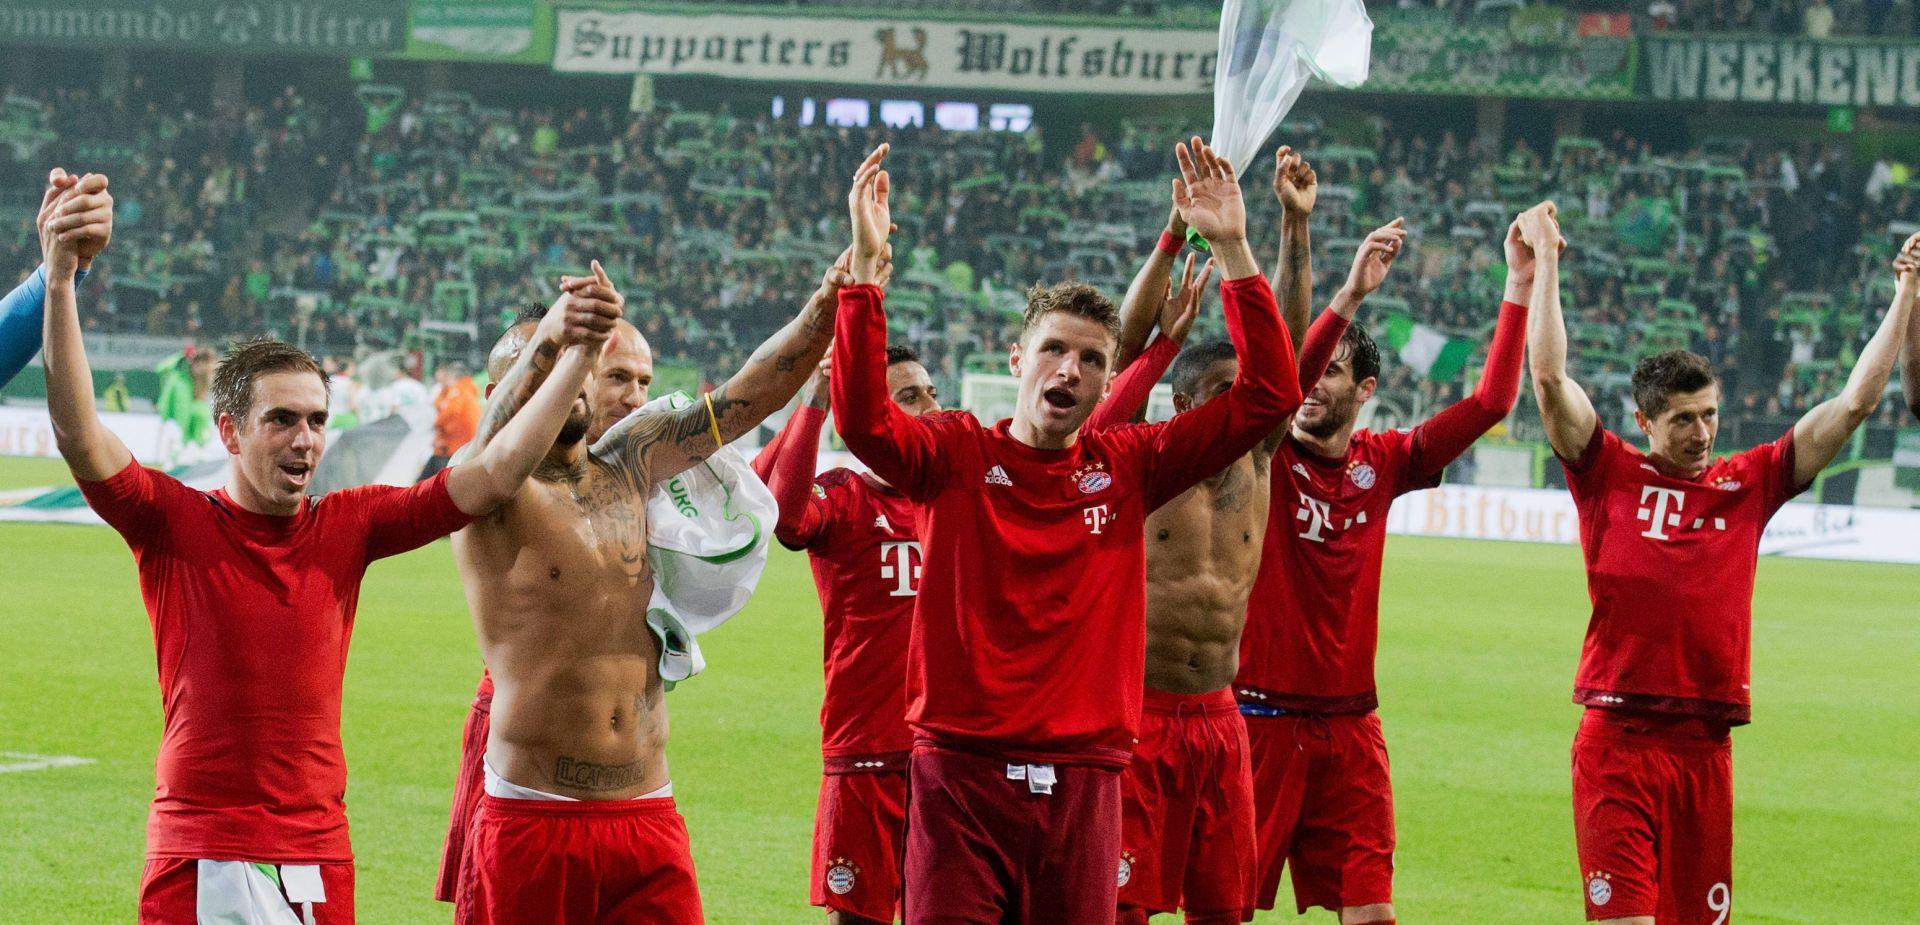 NJEMAČKI KUP Bayern uvjerljiv, Aue priredio iznenađenje